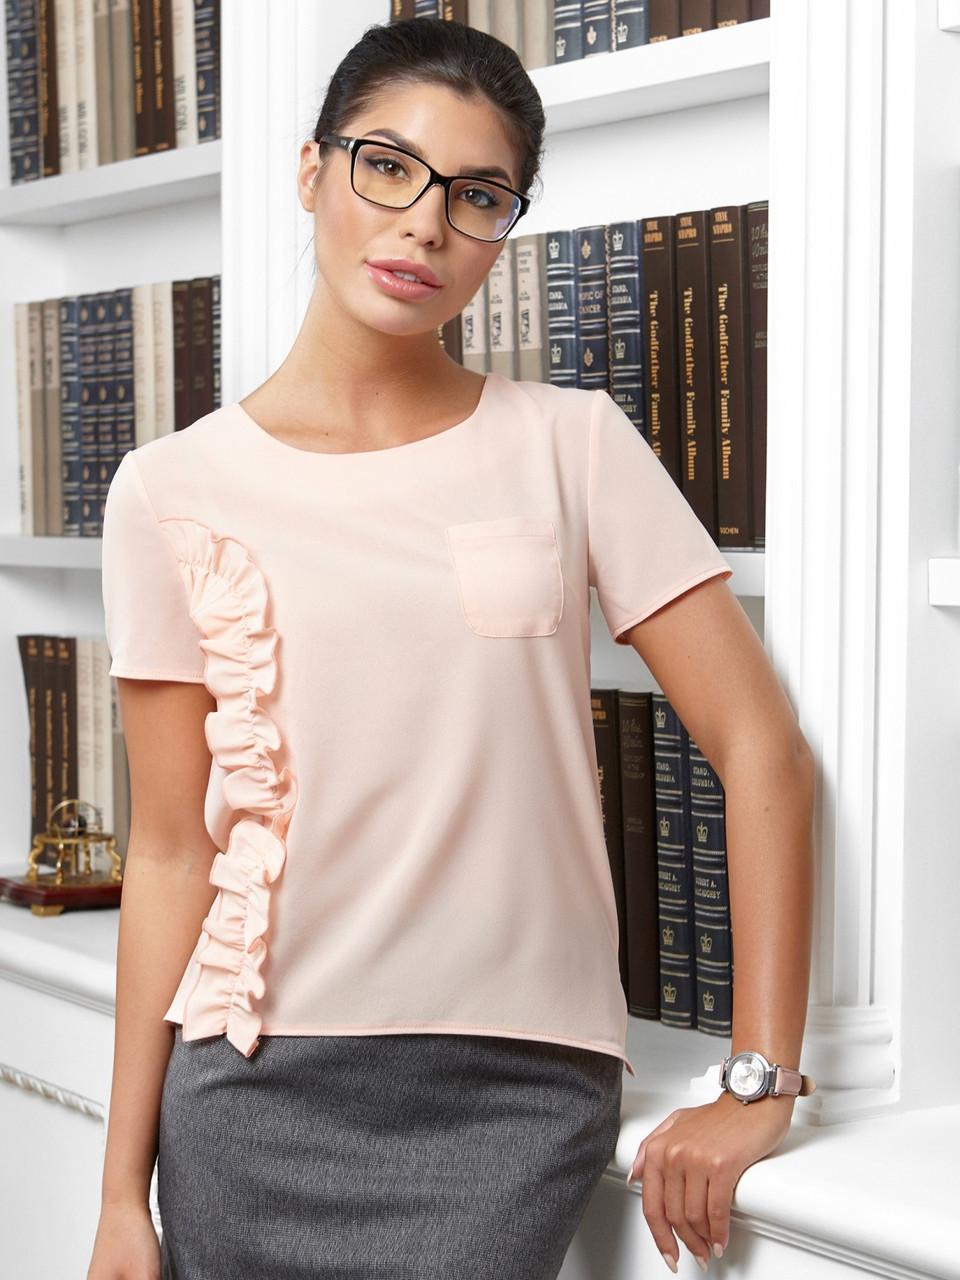 модные блузки весна лето 2019: с коротким рукавом персиковая декор воланы